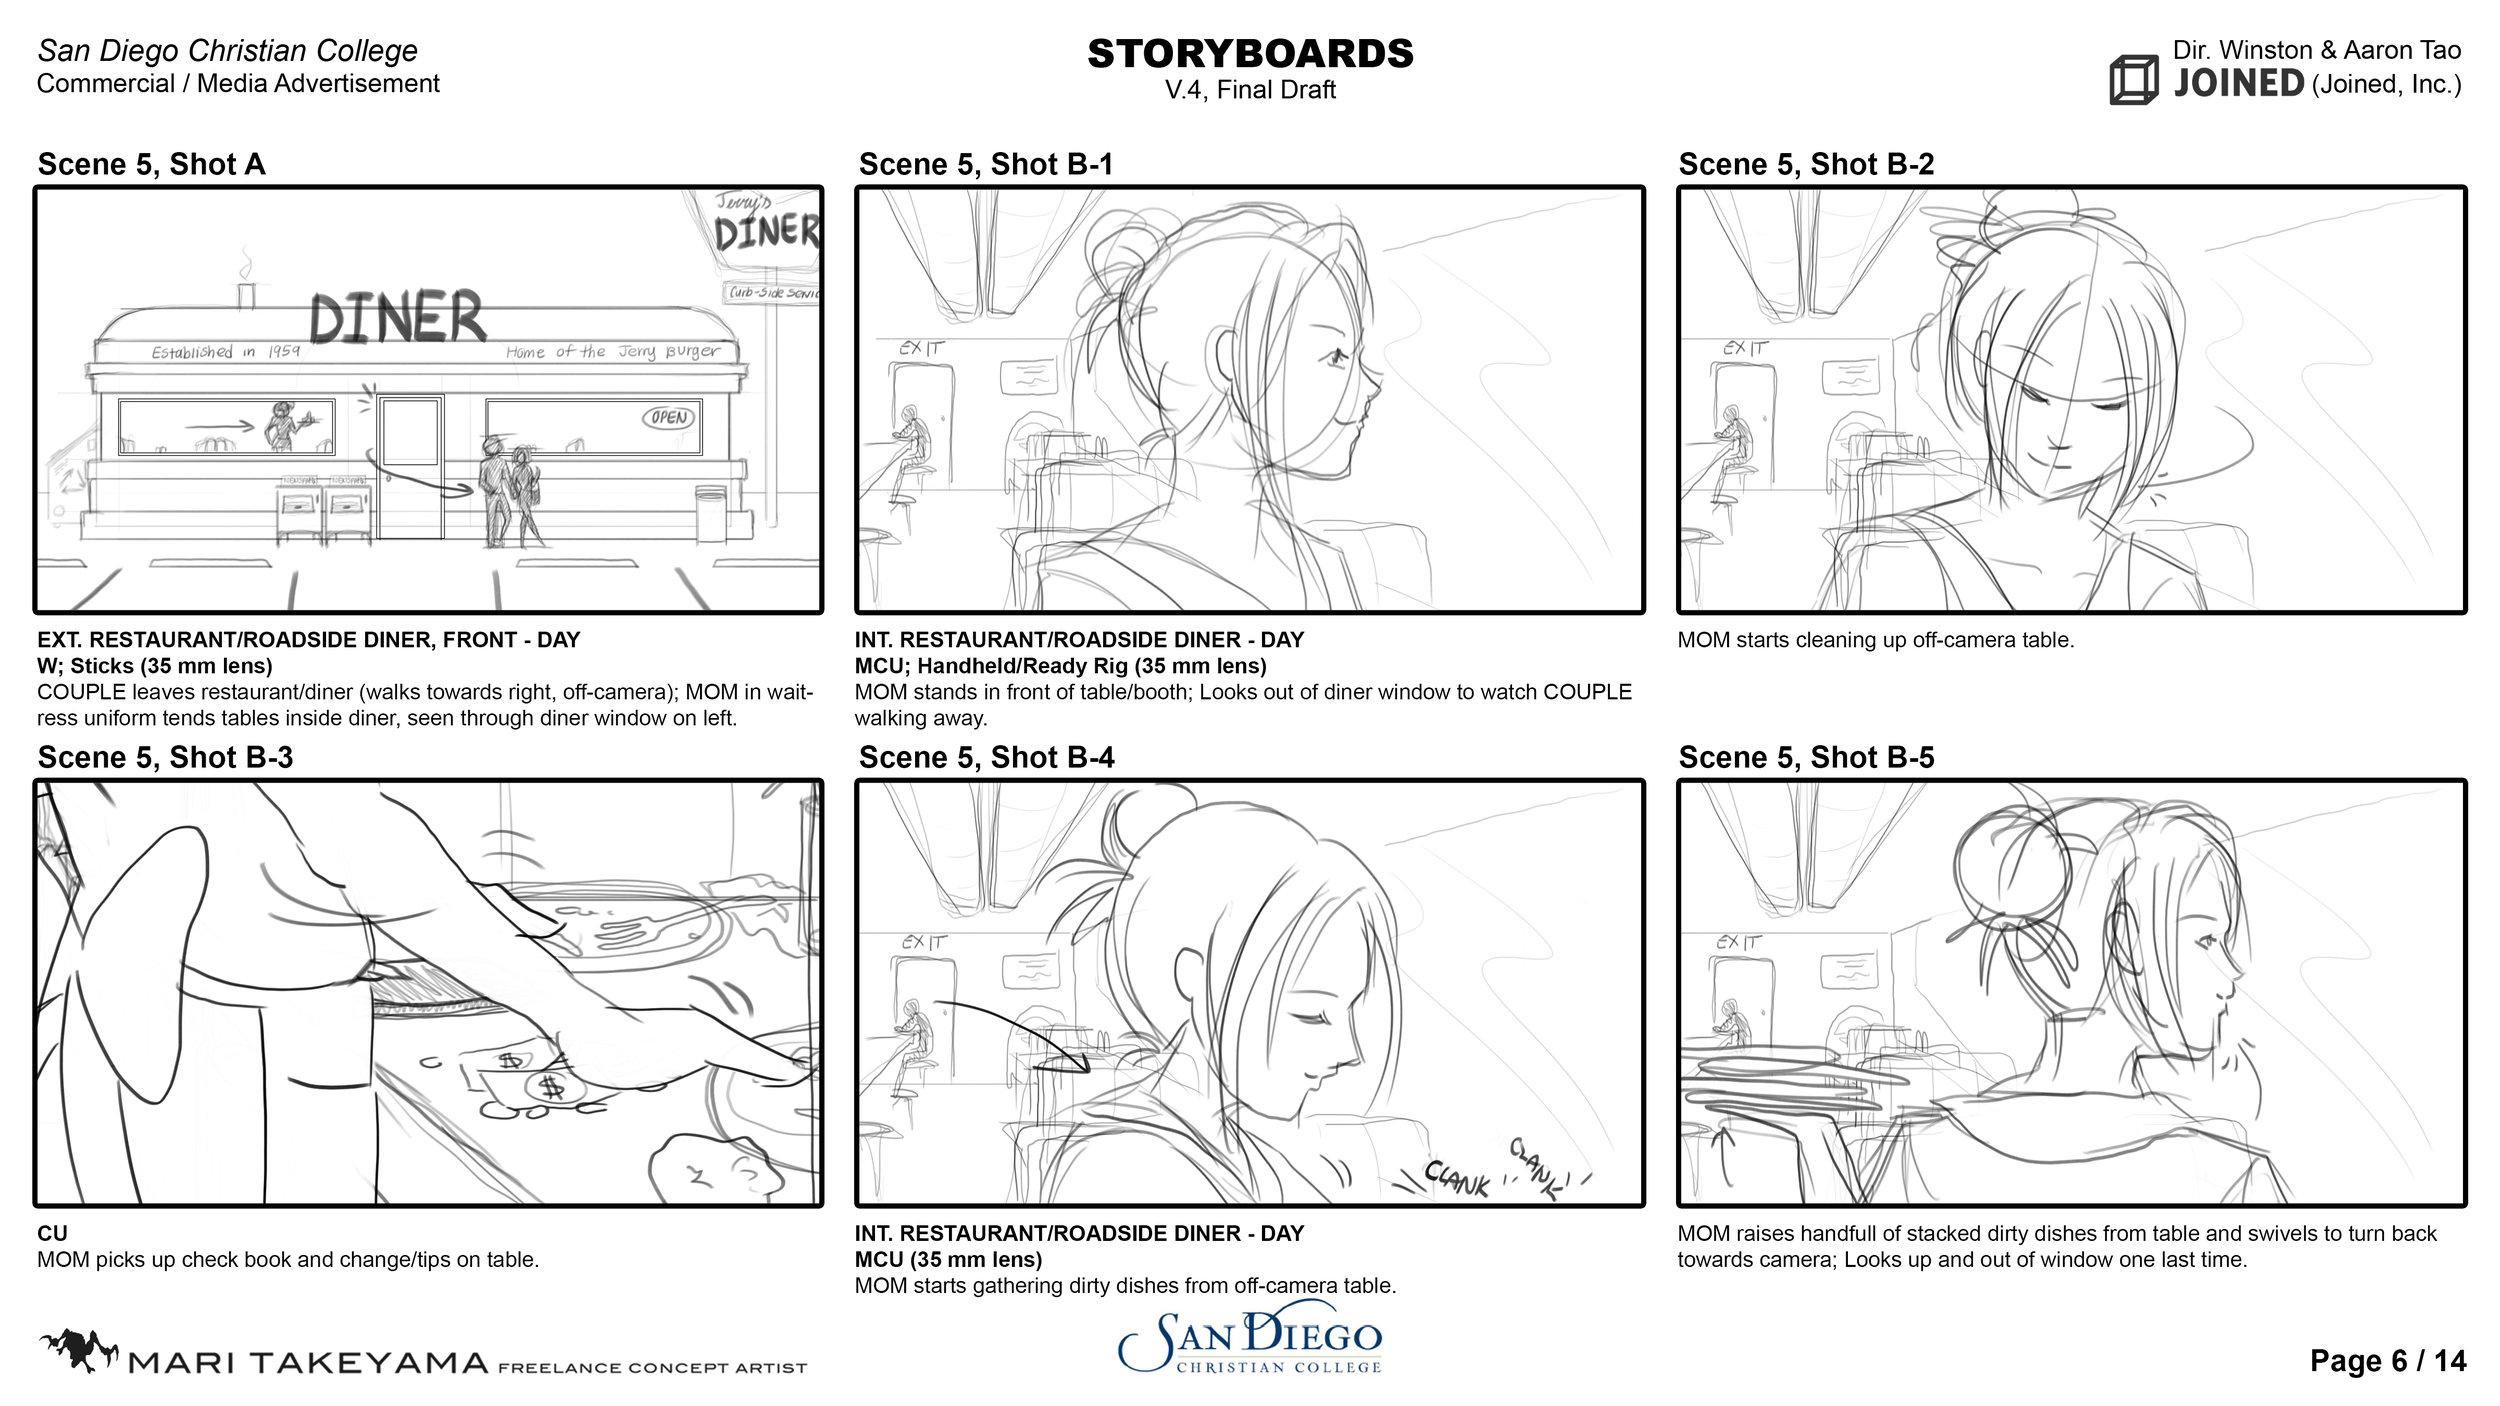 SDCC_Storyboards_FinalDraft_09.jpg